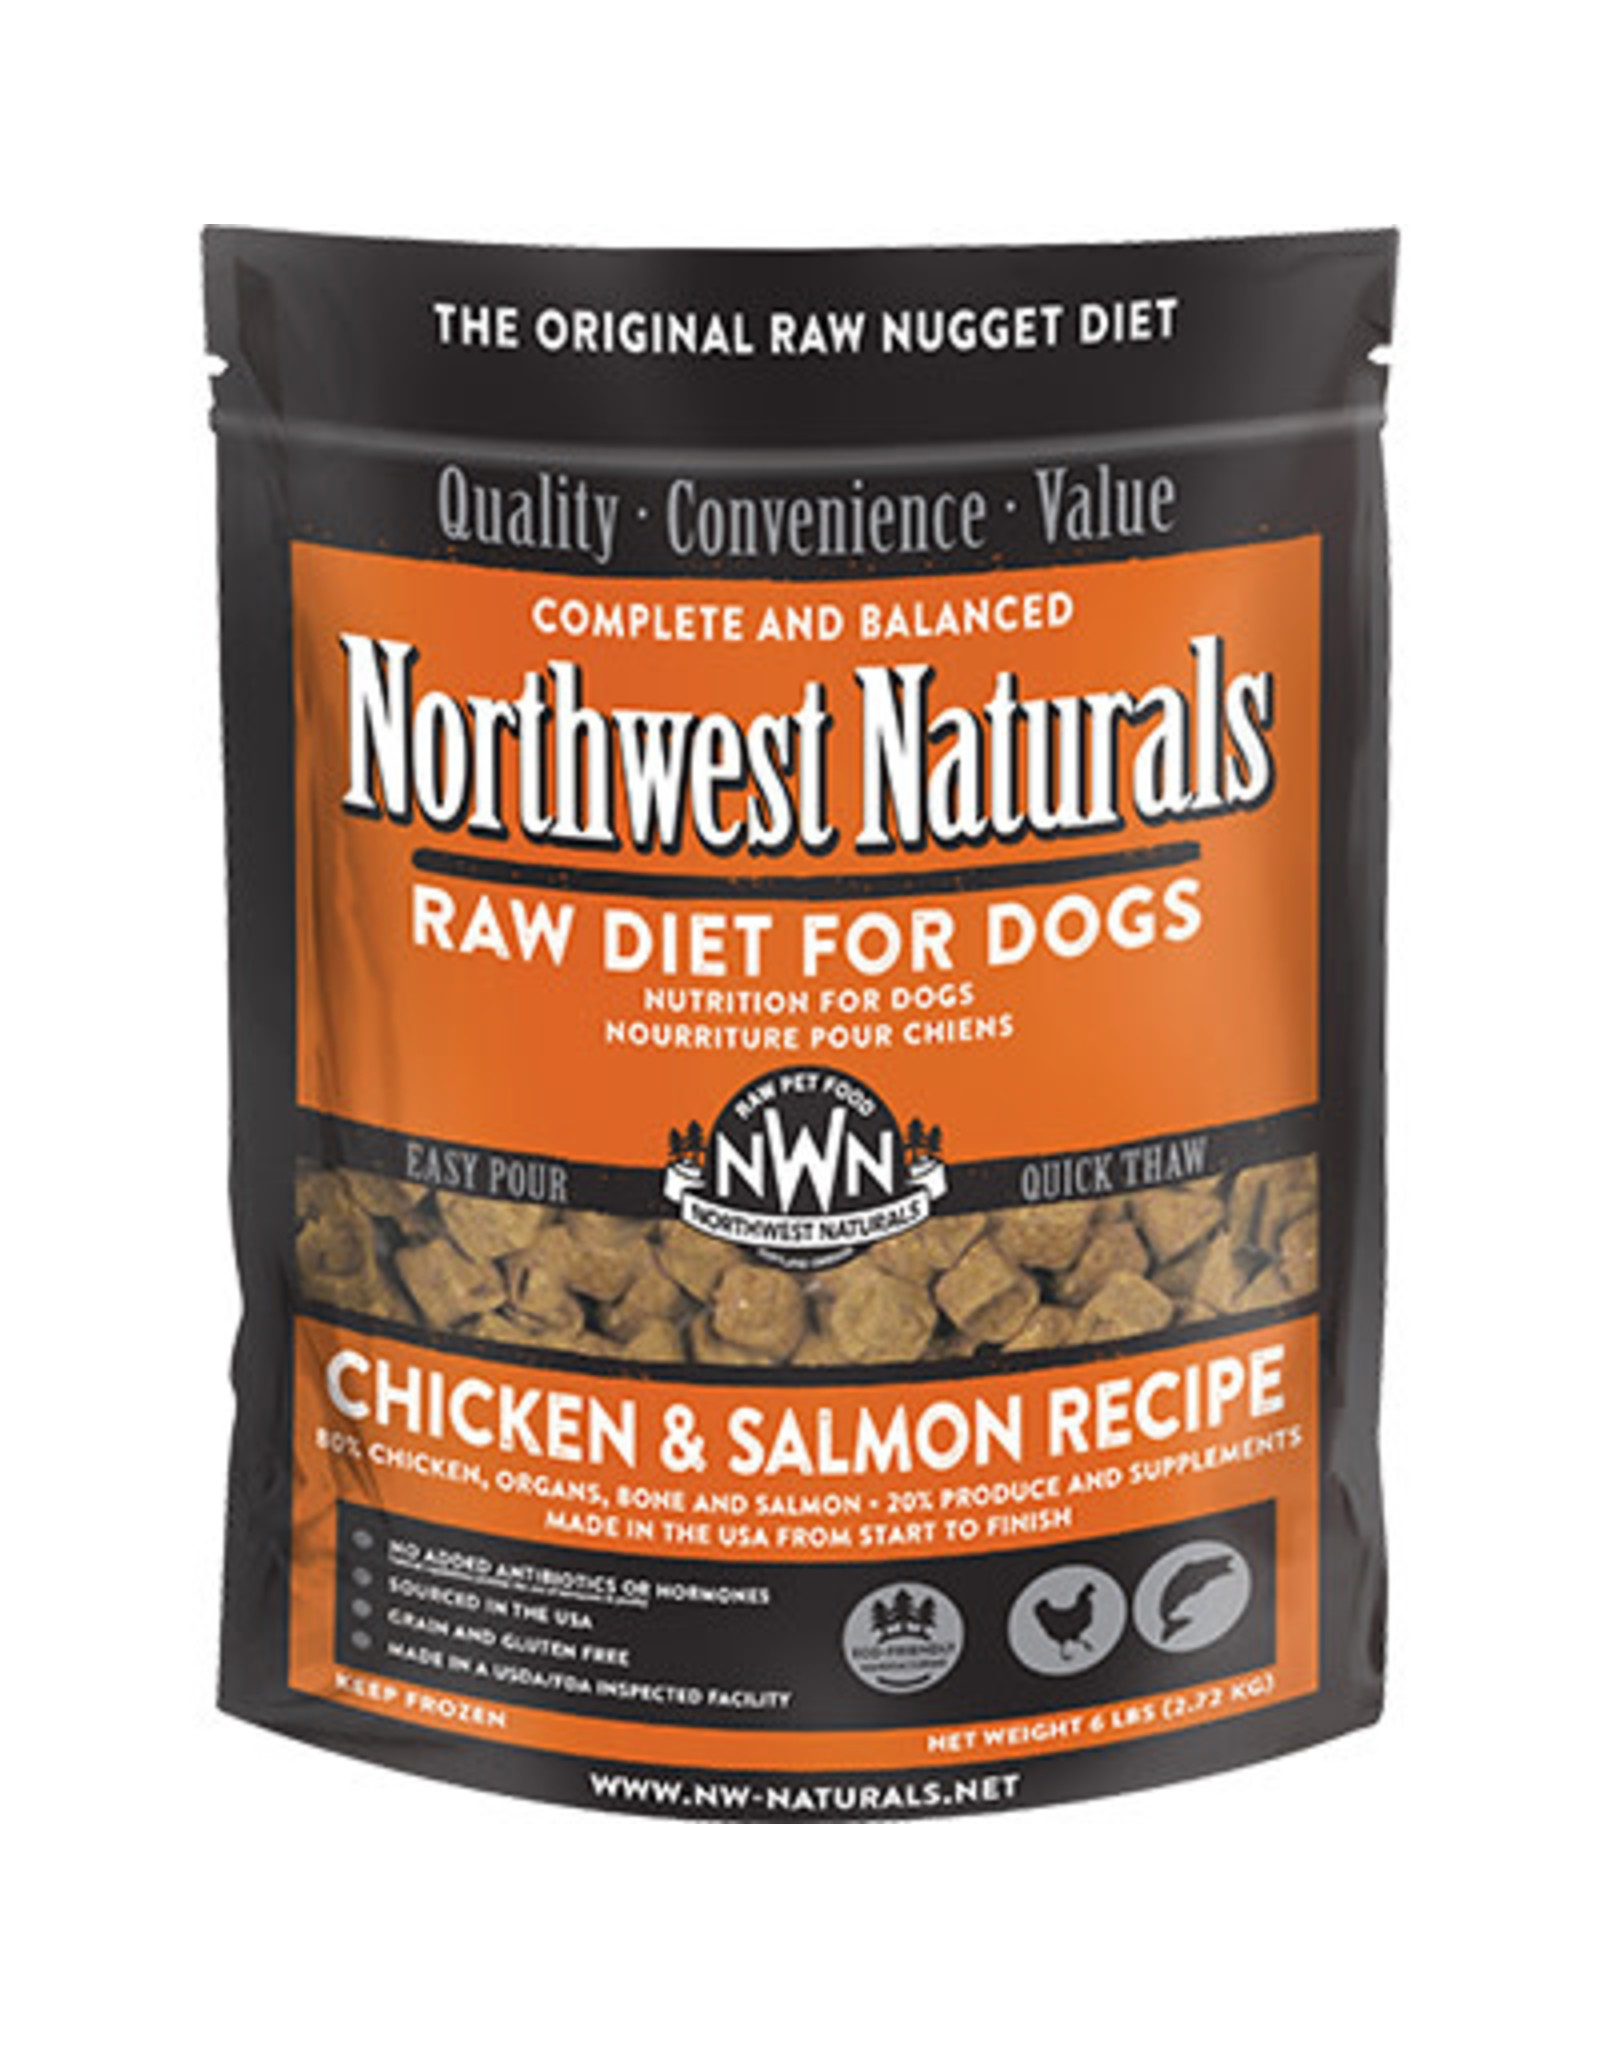 Northwest Naturals Northwest Naturals Raw Diet for Dogs Freeze Dried Nuggets Chicken & Salmon Recipe 12oz